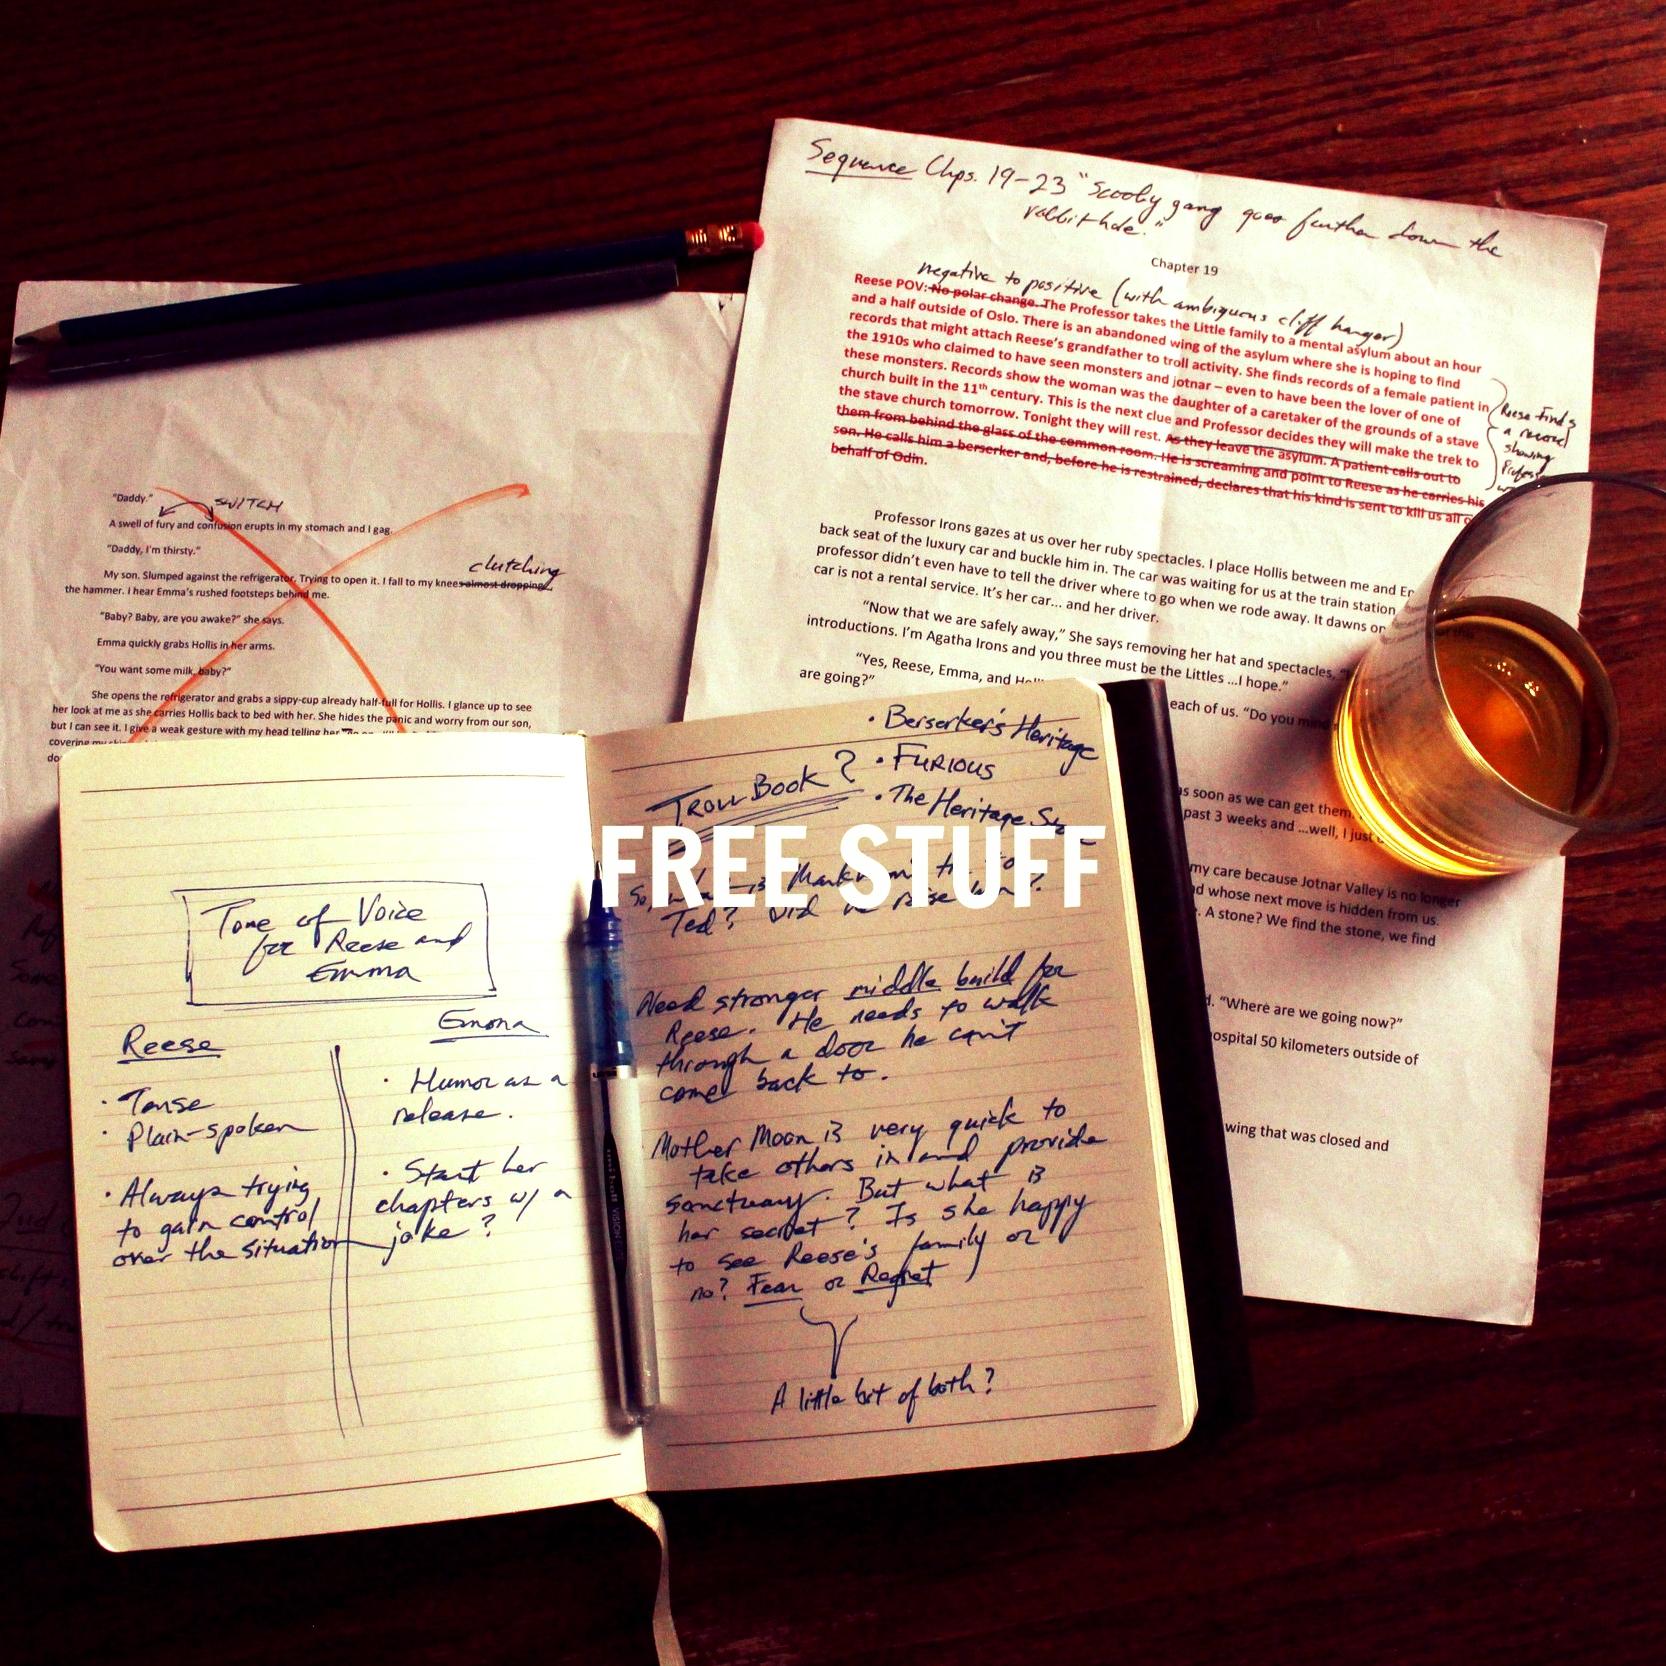 trollbook notebook whiskey.jpg